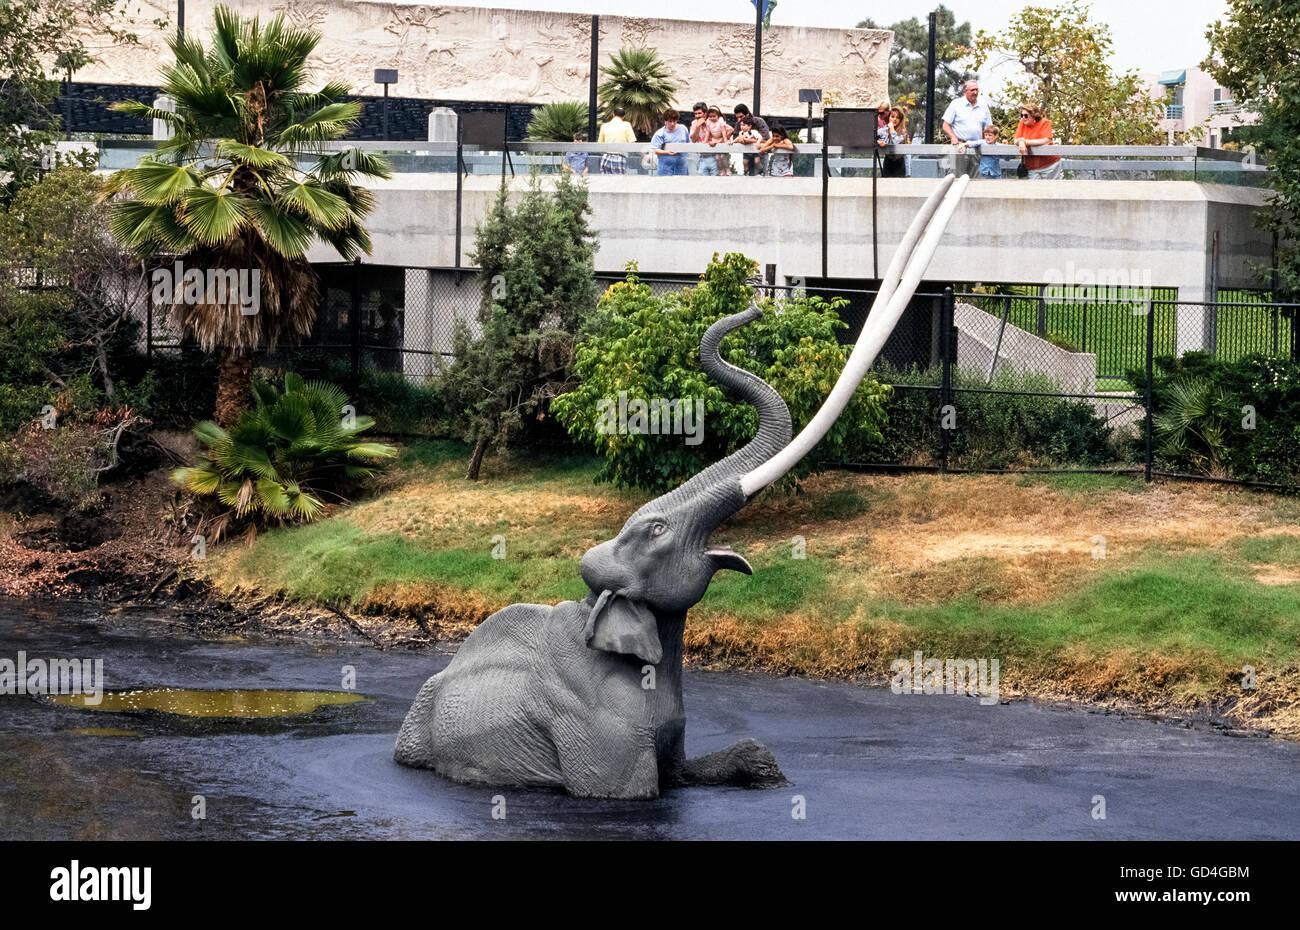 Un modèle en fibre de verre grandeur nature d'une espèce de mammouth le Pléistocène est Photo Stock